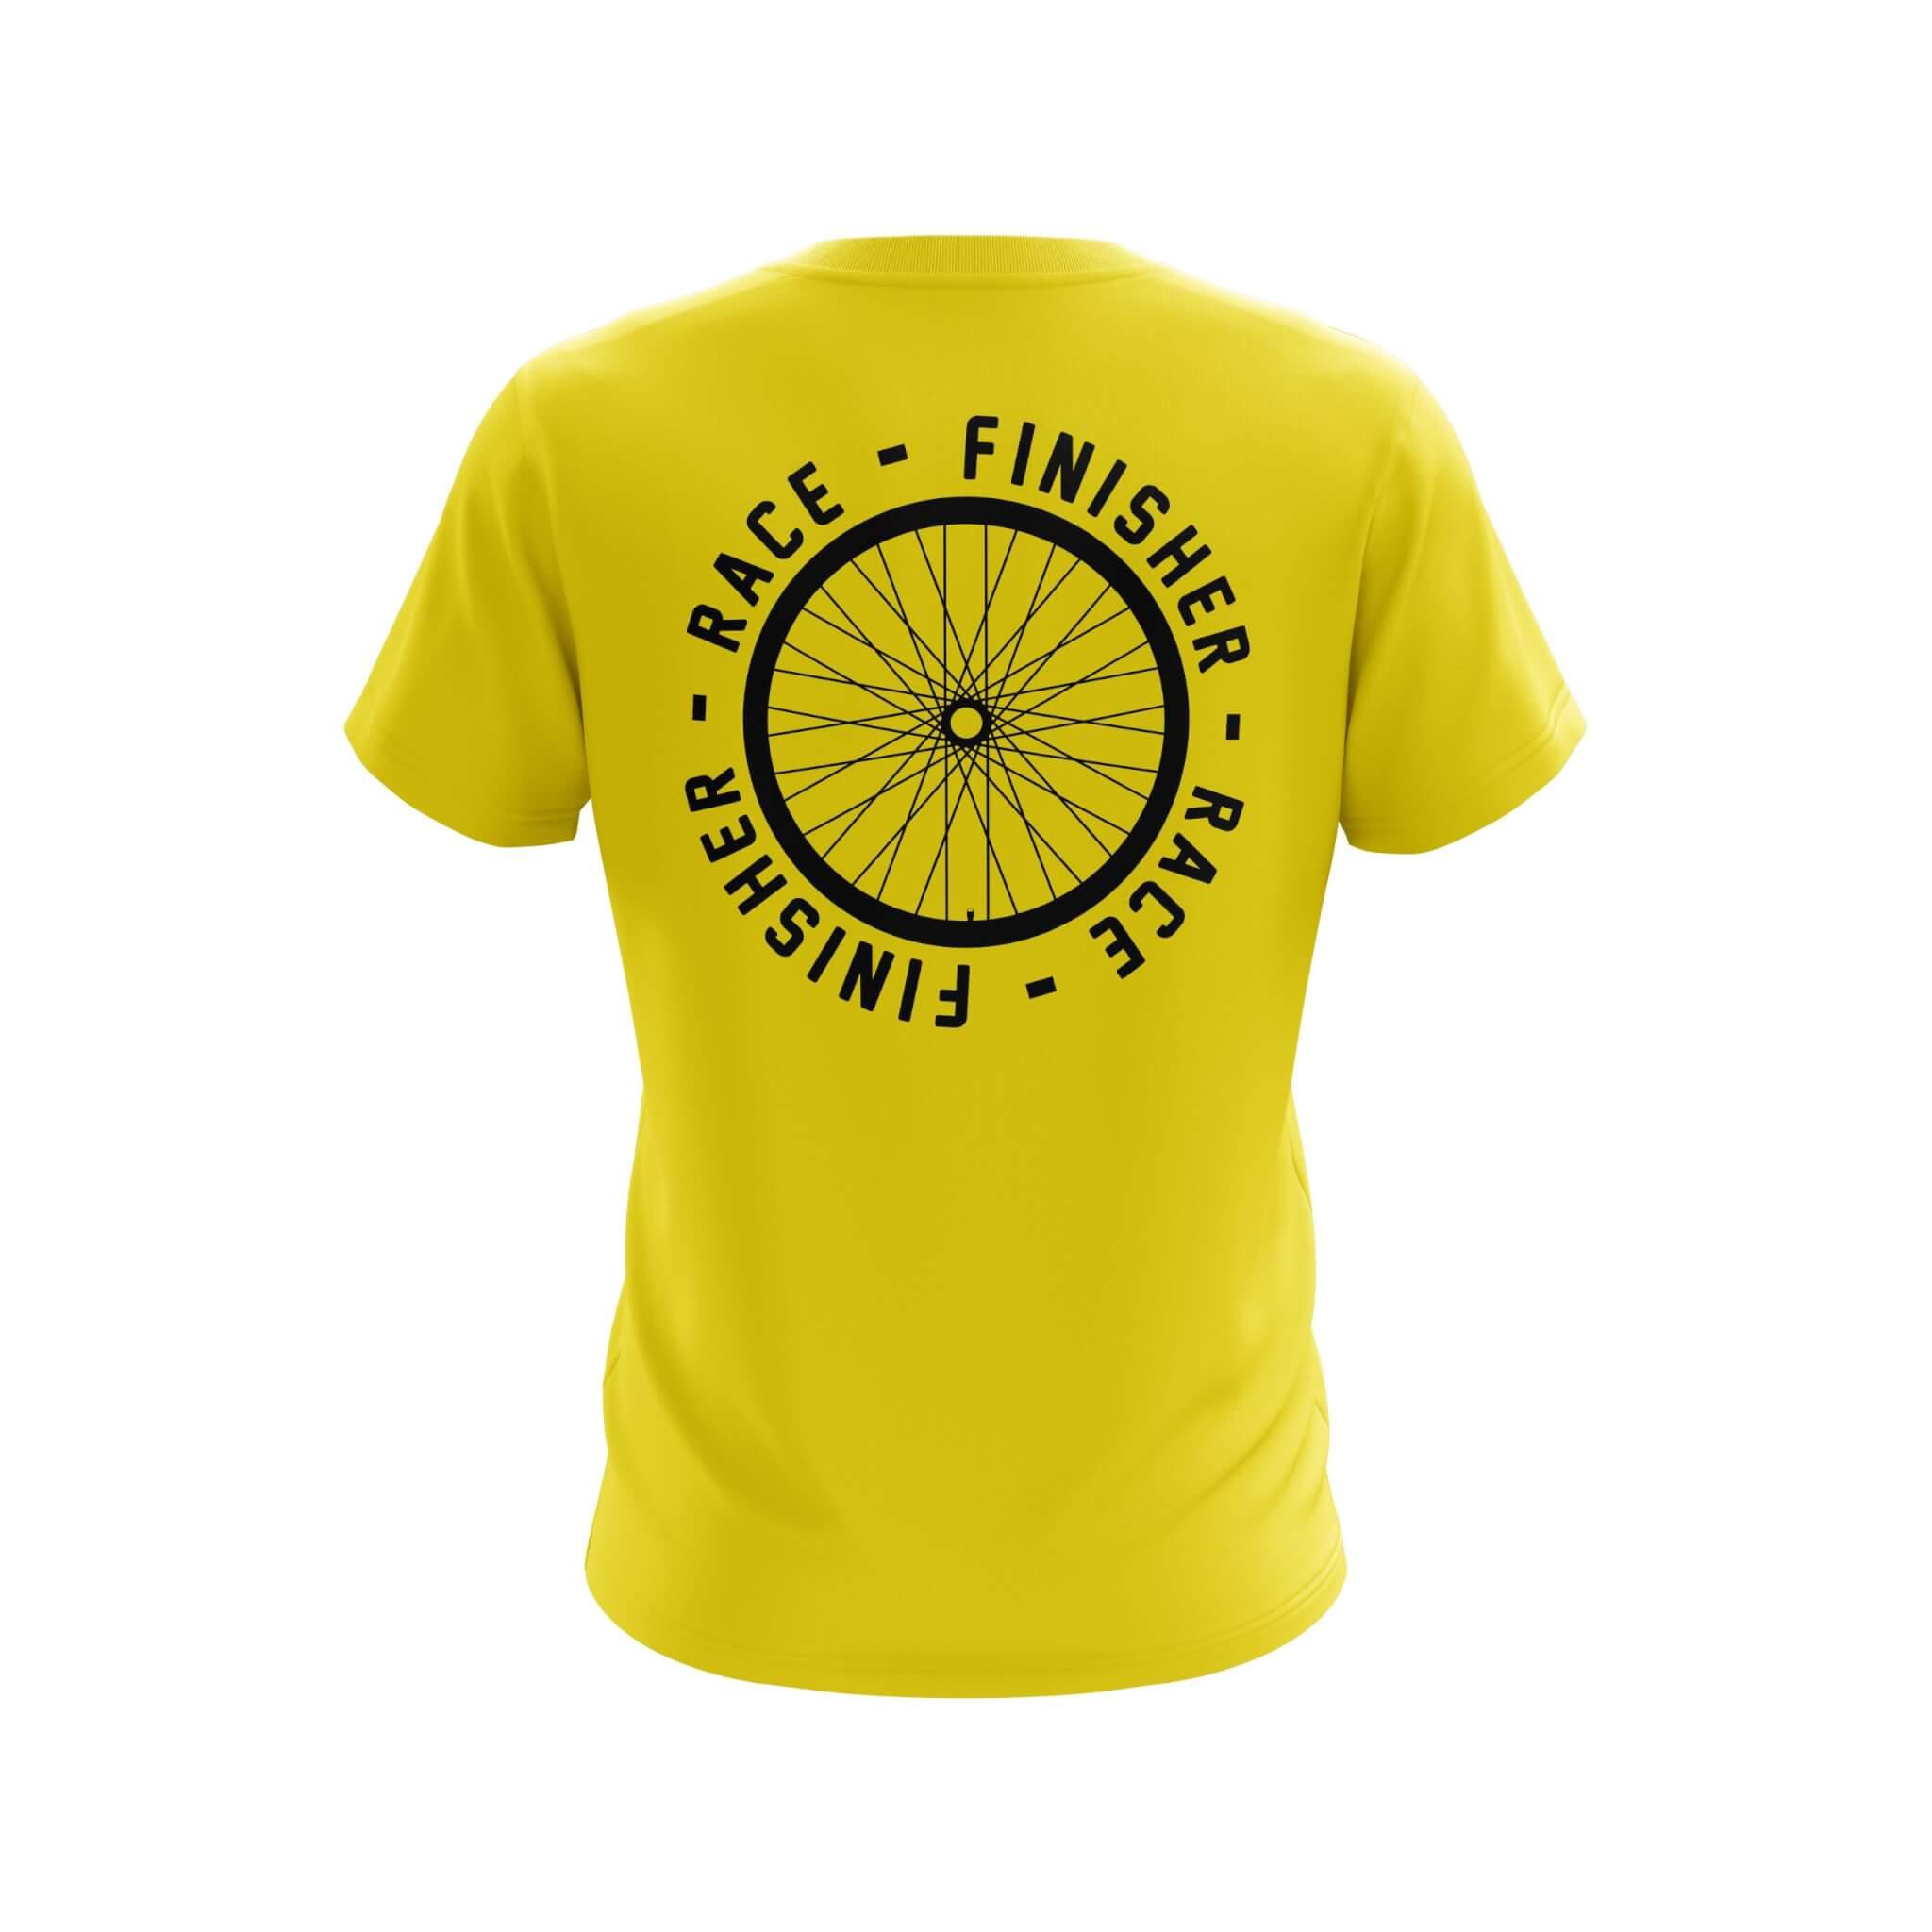 Finisher Custom Technical T-Shirt Back